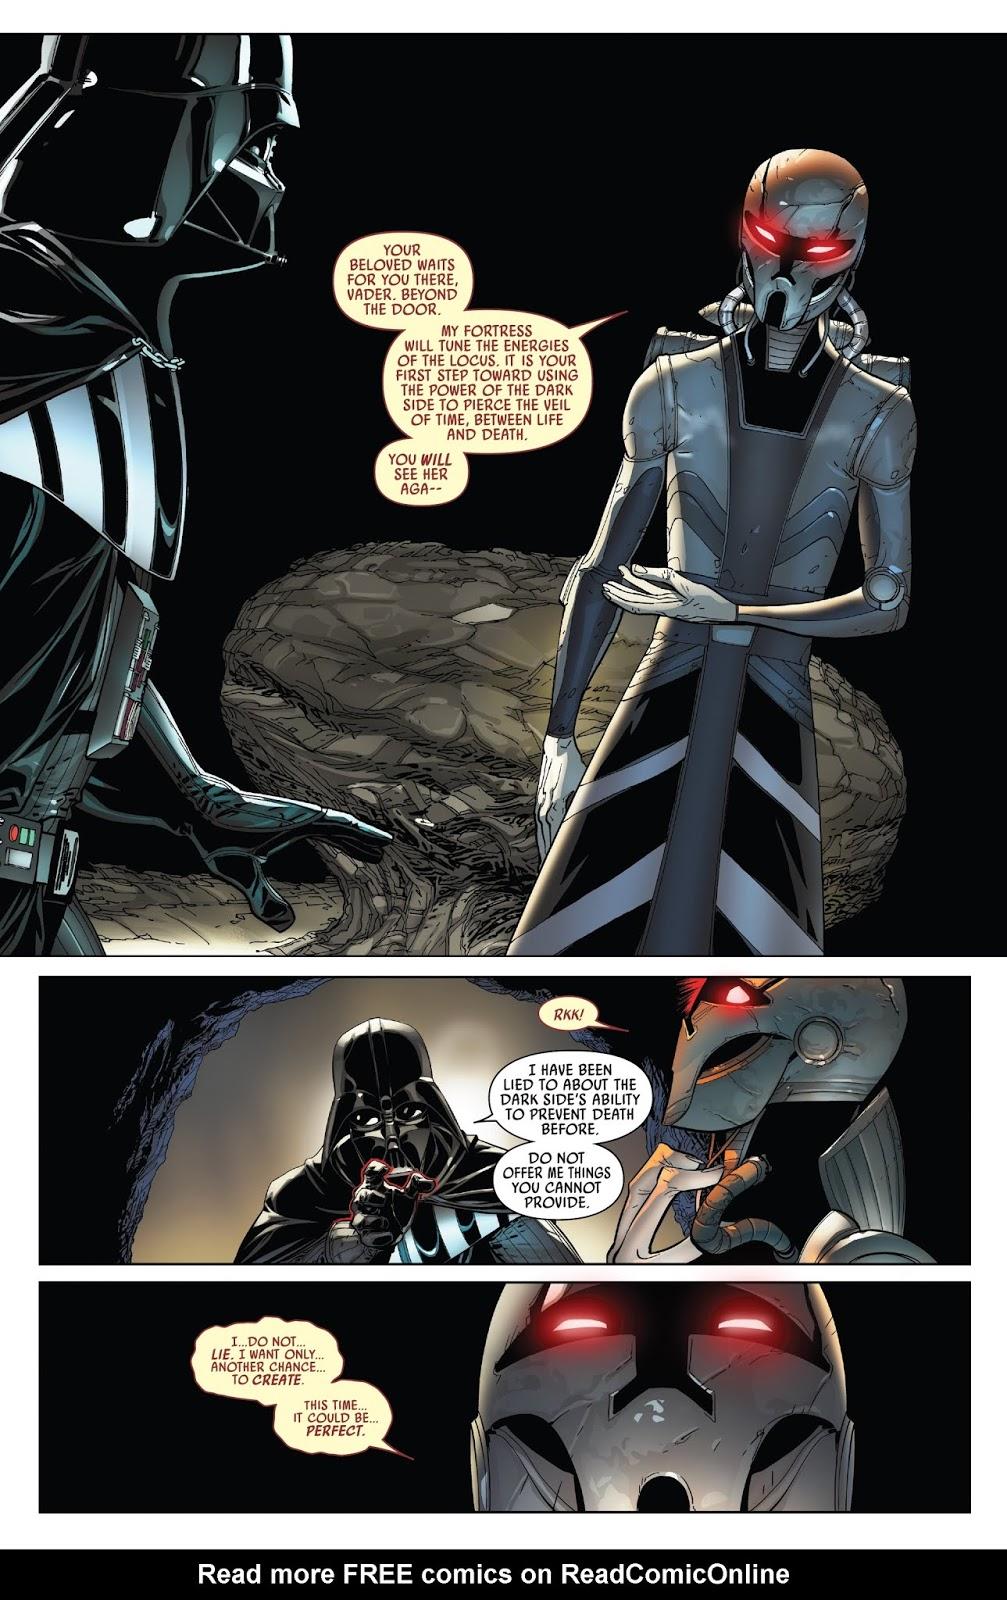 SS - Darth Tyranus (BreakofDawn) vs Darth Vader (Shioz) - Page 2 UCD692lTFBNOs5tQQAEmUTe5rkdOvSoDlwNRIQQNG-dX6_TAGwwX6GTw06xvXsup4sn5RANZwAMSnqKbFpx7zXF1Qdi6lqCErrpPjx0qCusBr31T8w10Kqal3pk_dFlavOwm-81d